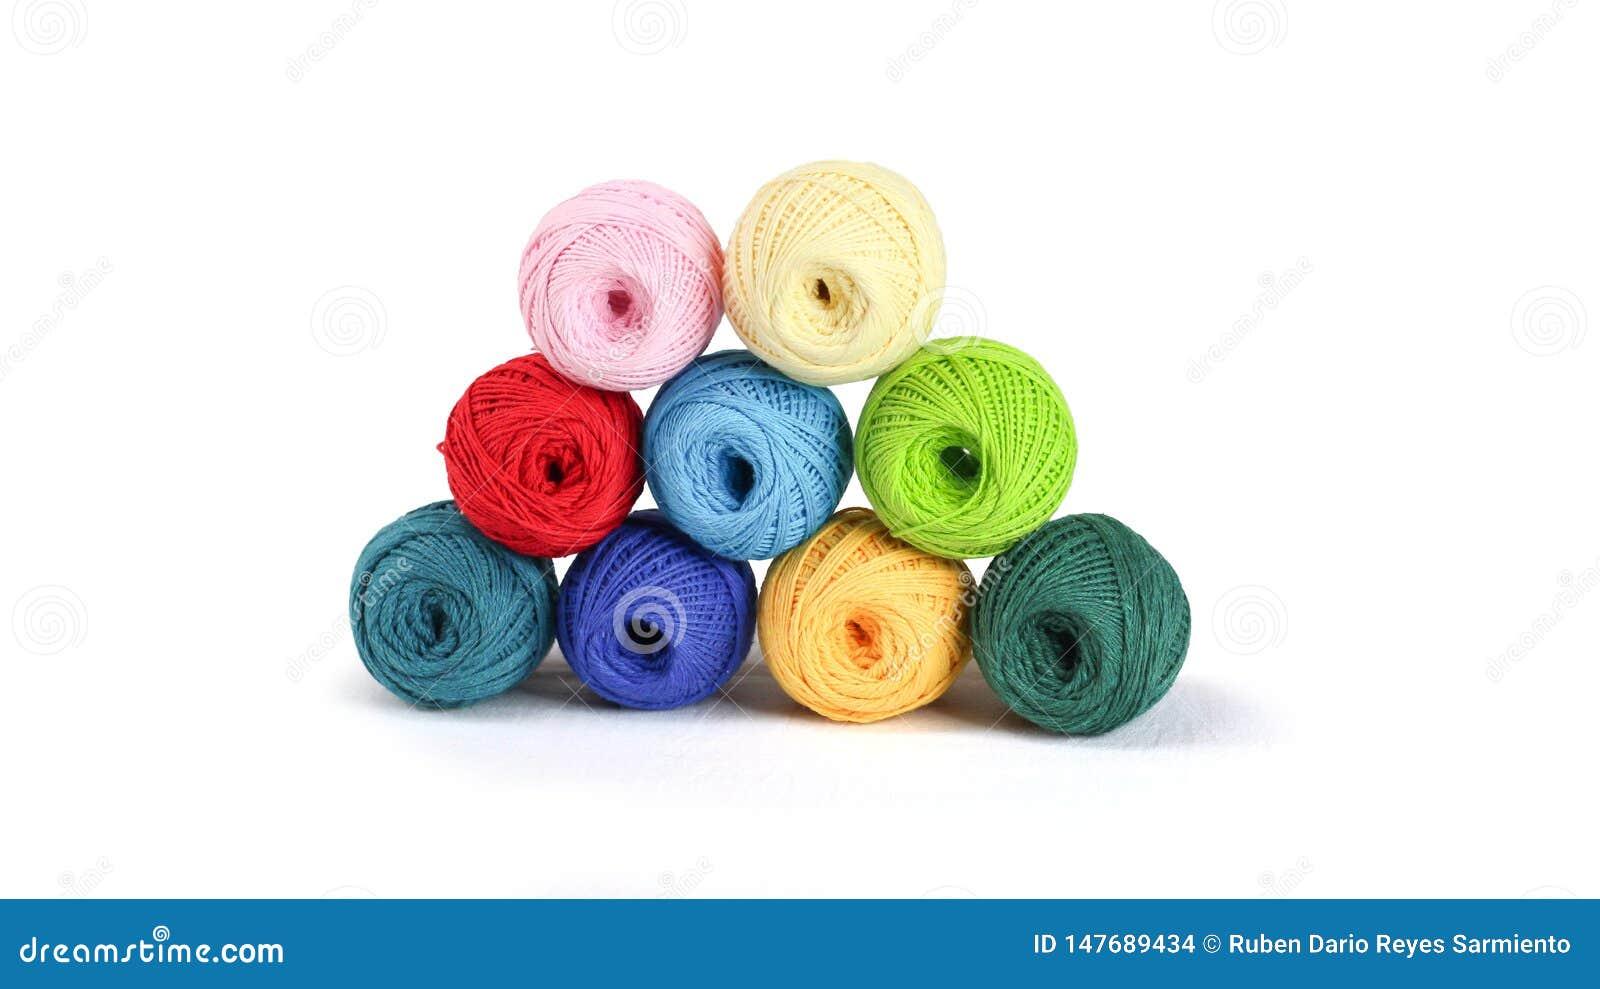 Fil coloré pour tricoter, boules des fils de coton de différentes couleurs